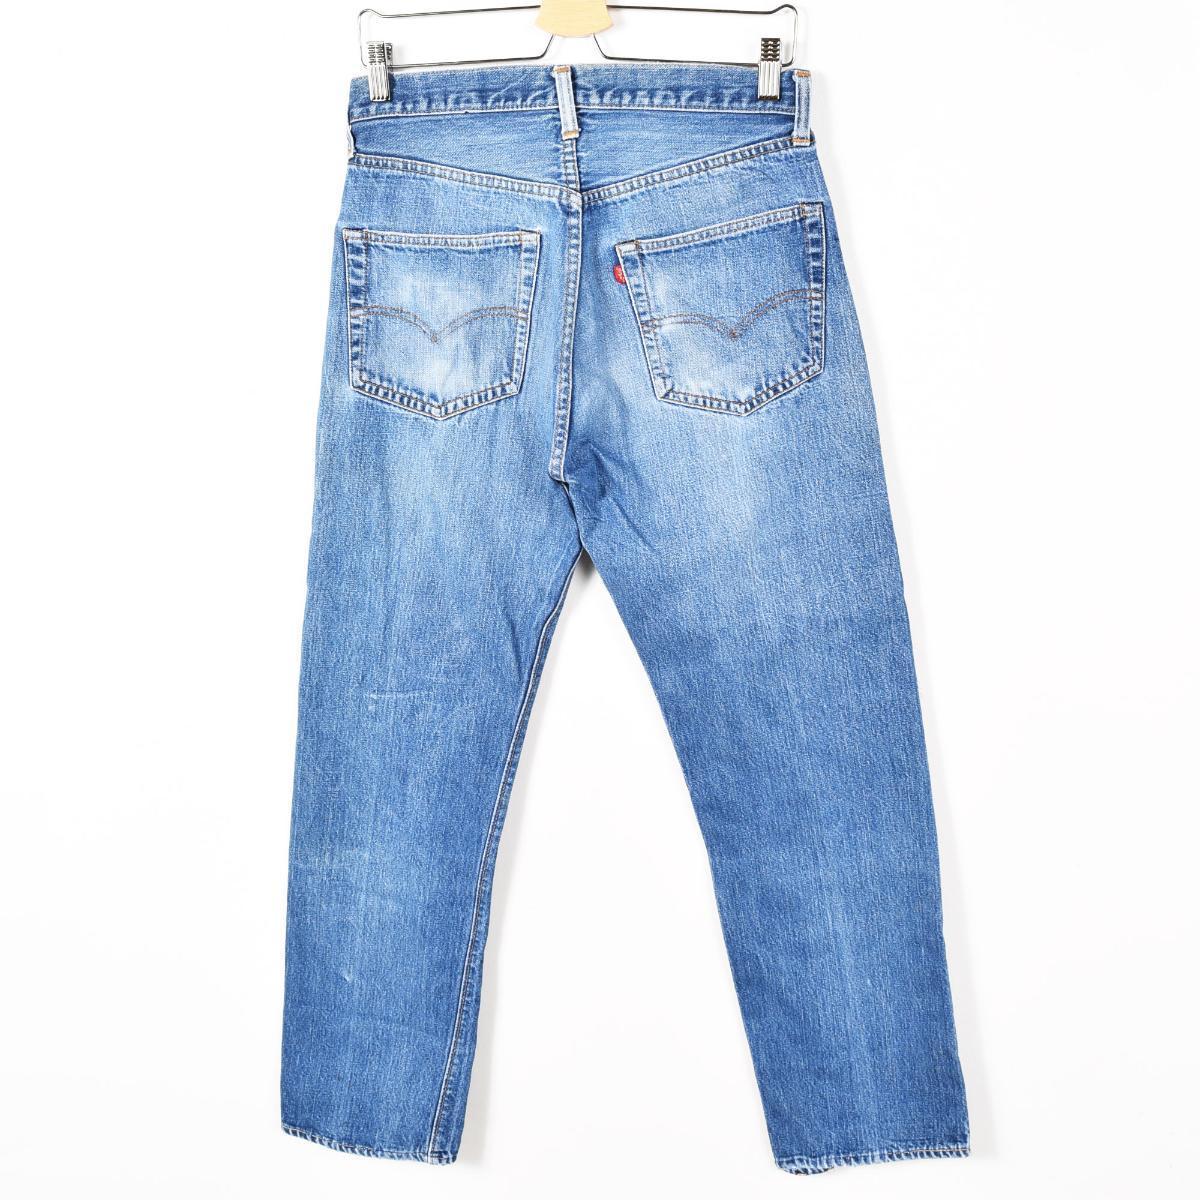 70年代李维斯501 66前期USA制造牛仔裤笔直牛仔裤人w31复古Levi's/wey4023